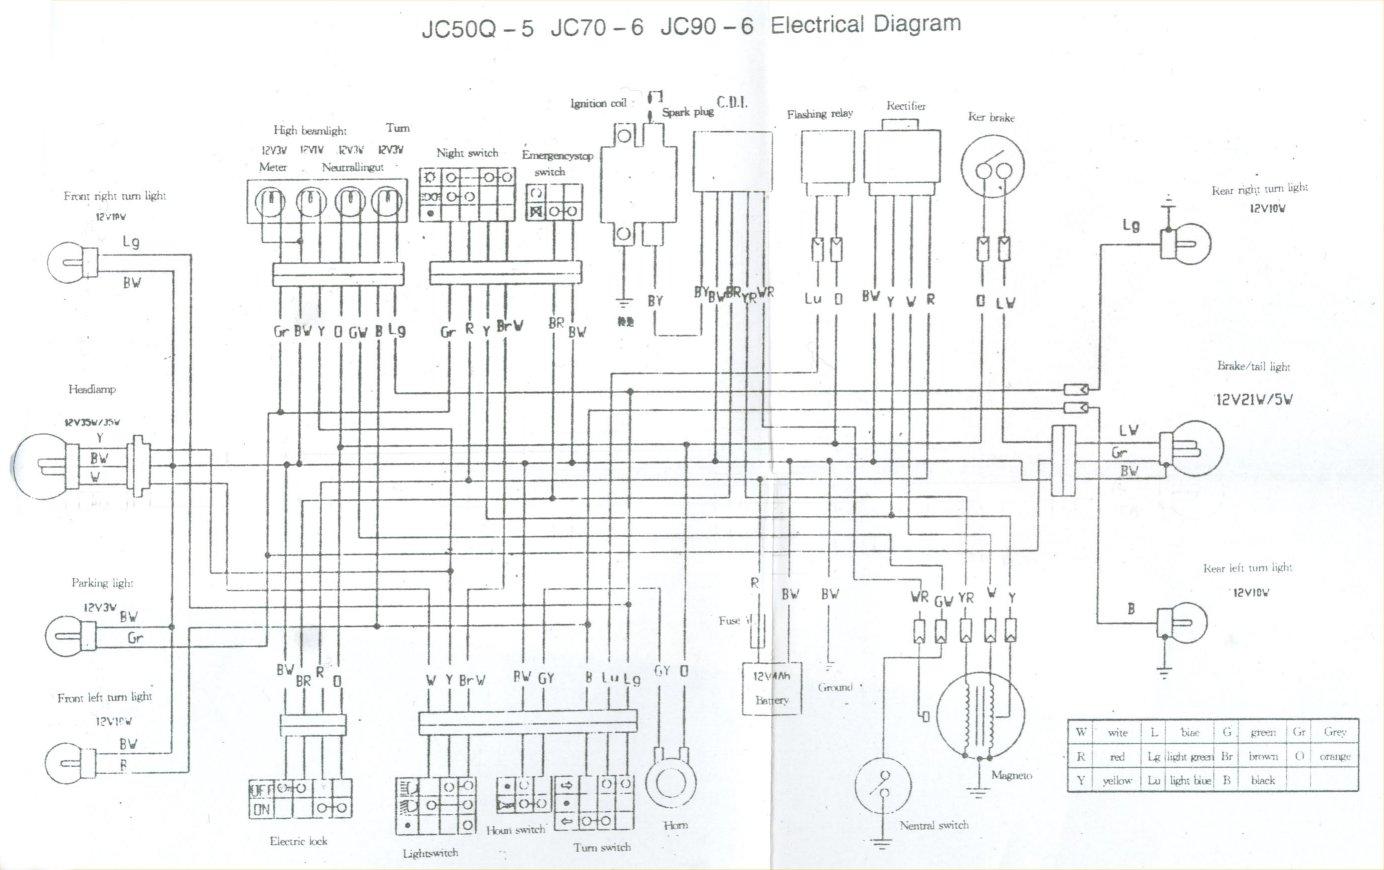 honda z50 wiring diagram yamaha mio soul i 125 le site de dapi : dax st50 st70 ab23 , la famille les copains et pc